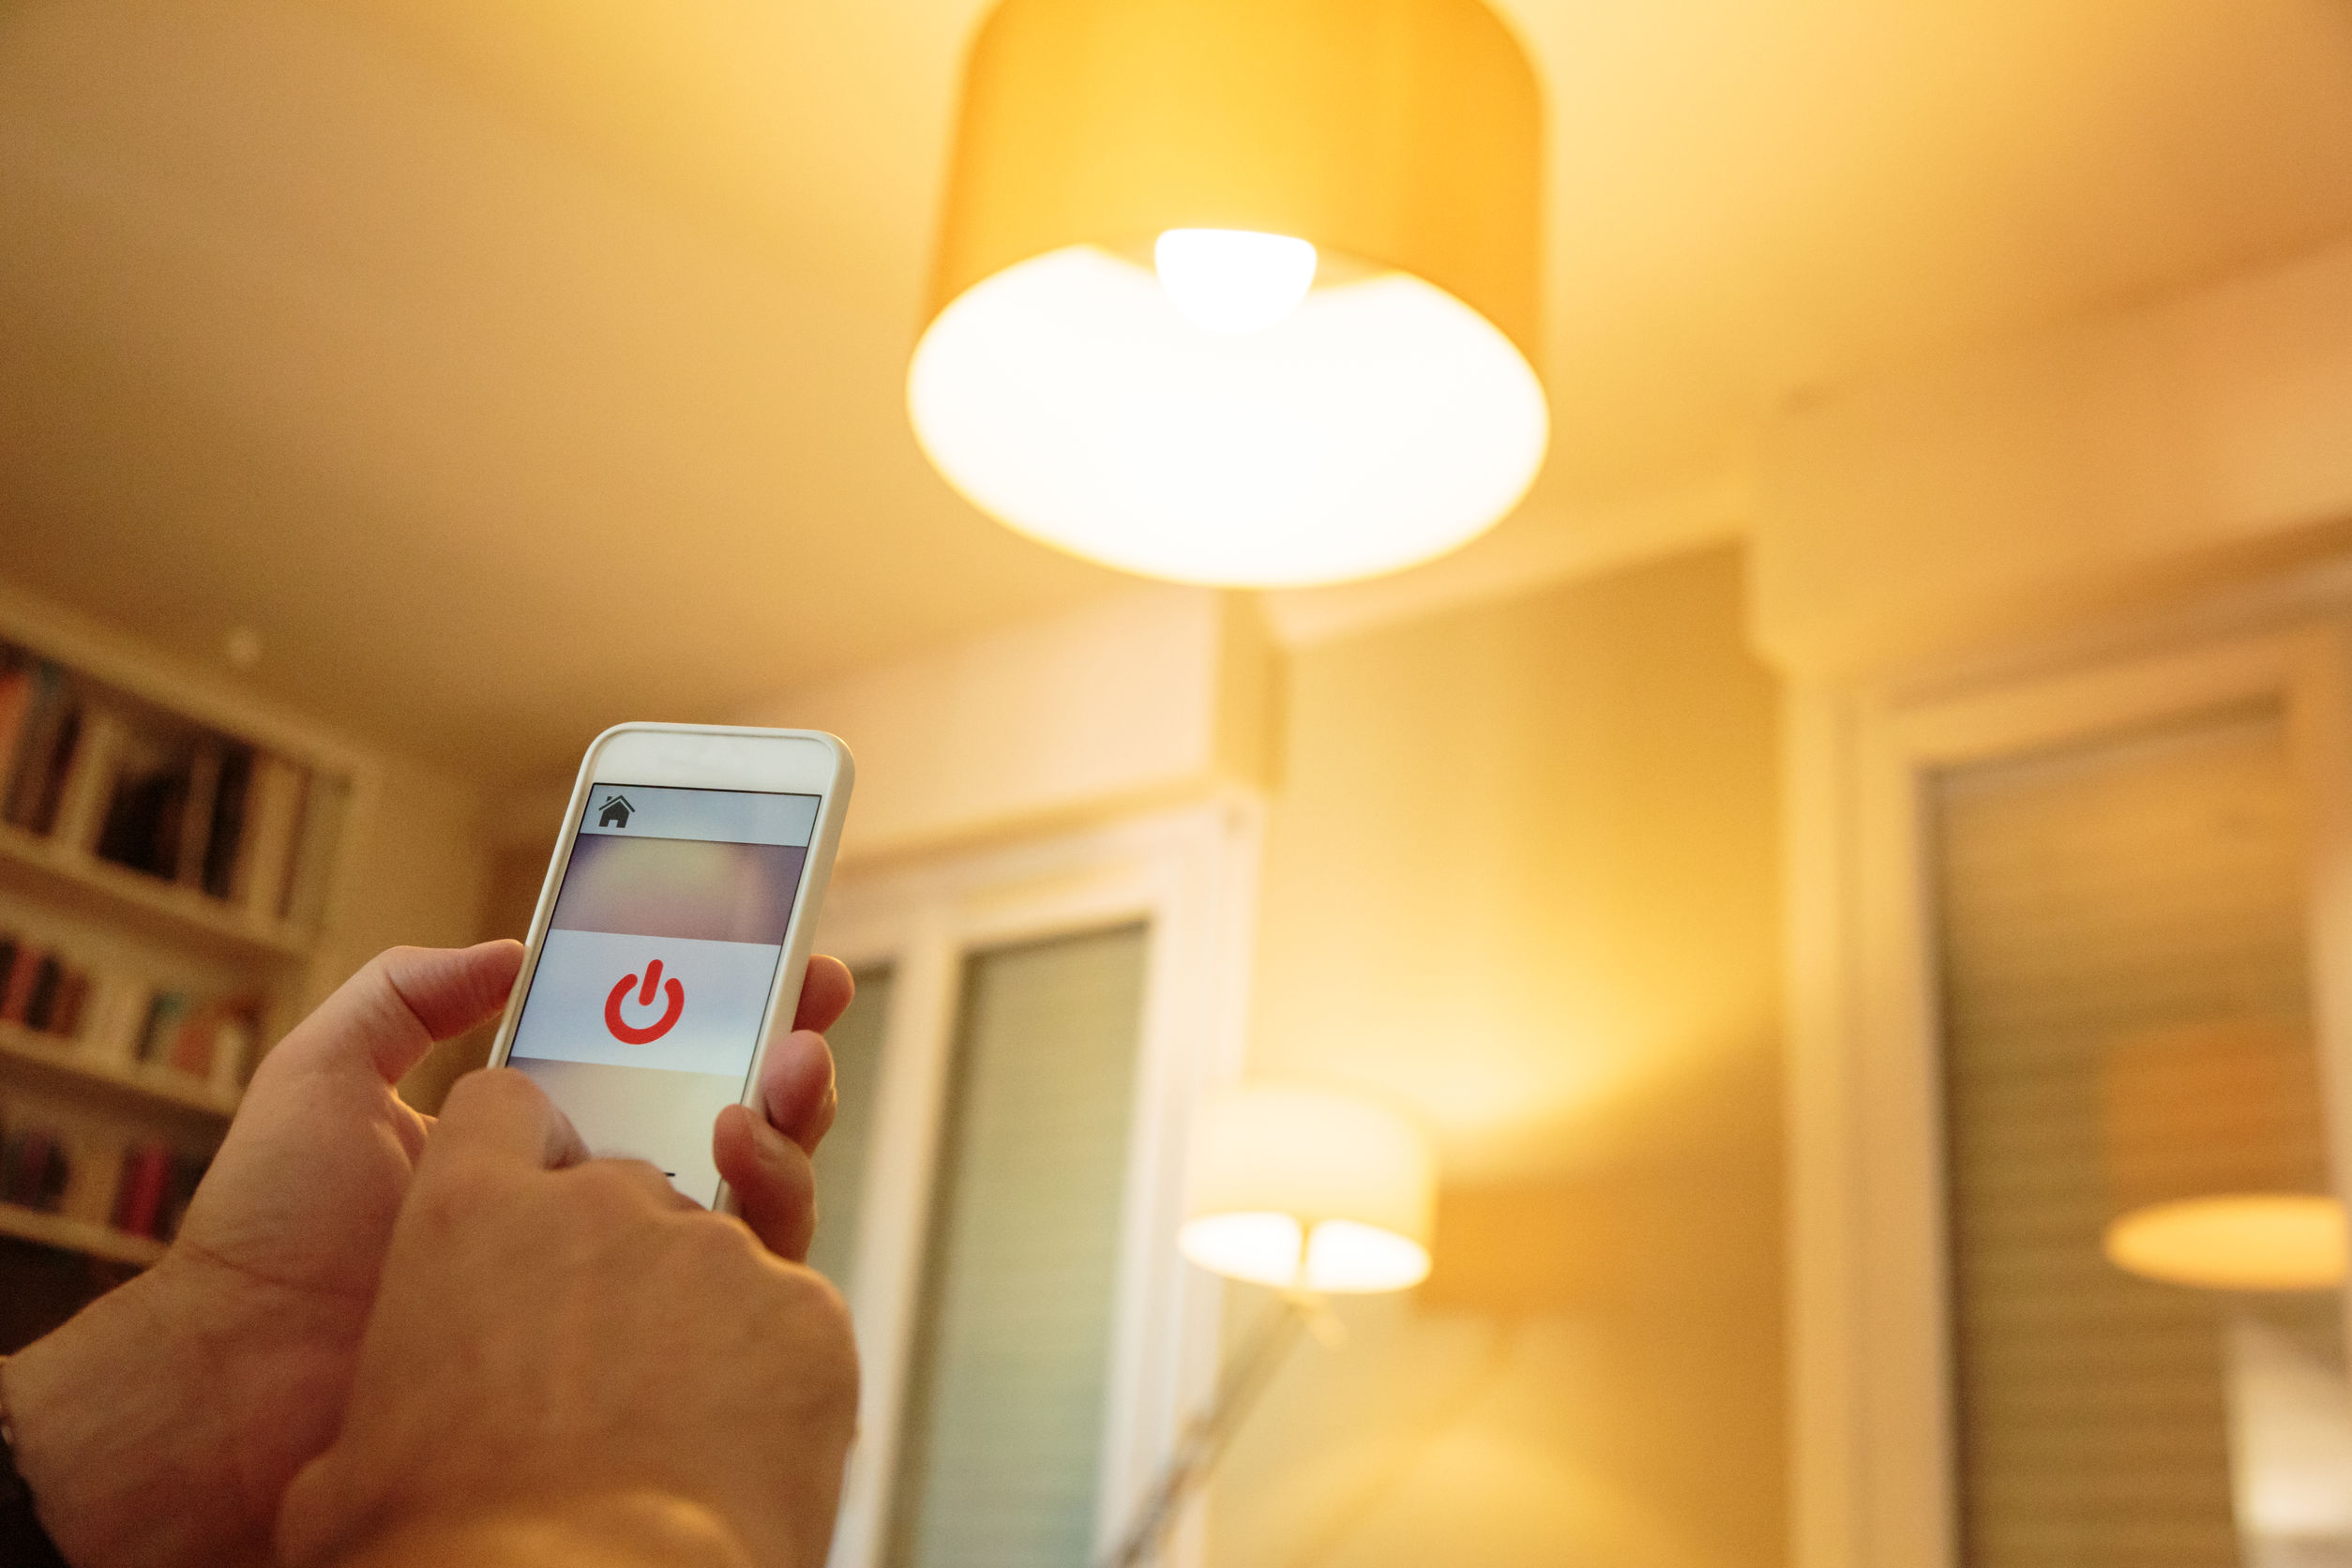 Persona encendiendo lampara inteligente